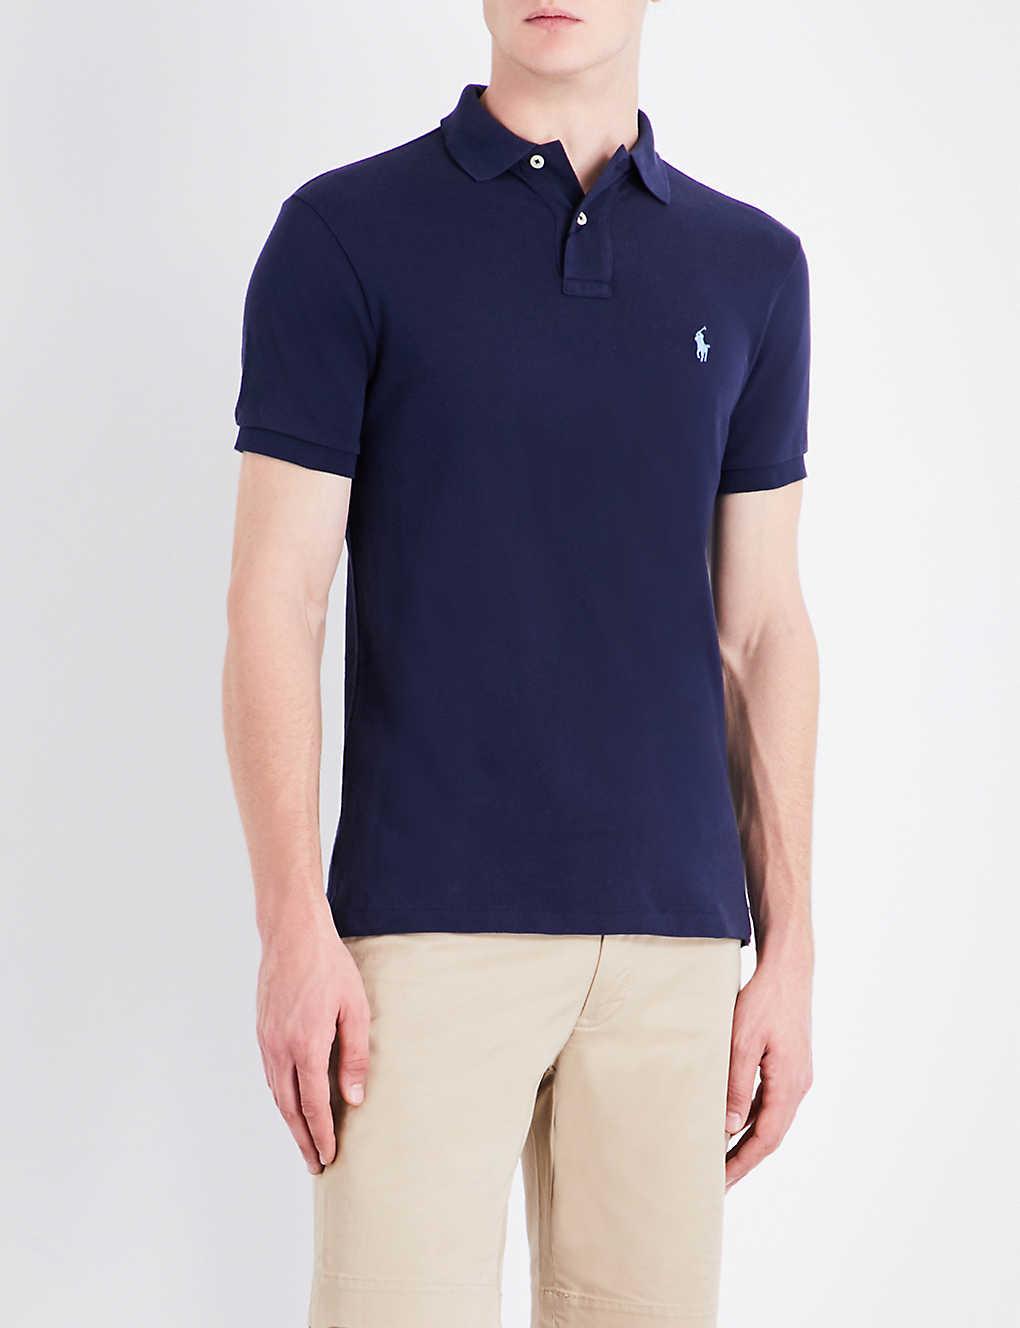 715acfc537e75a POLO RALPH LAUREN - Slim-fit cotton-pique polo shirt | Selfridges.com